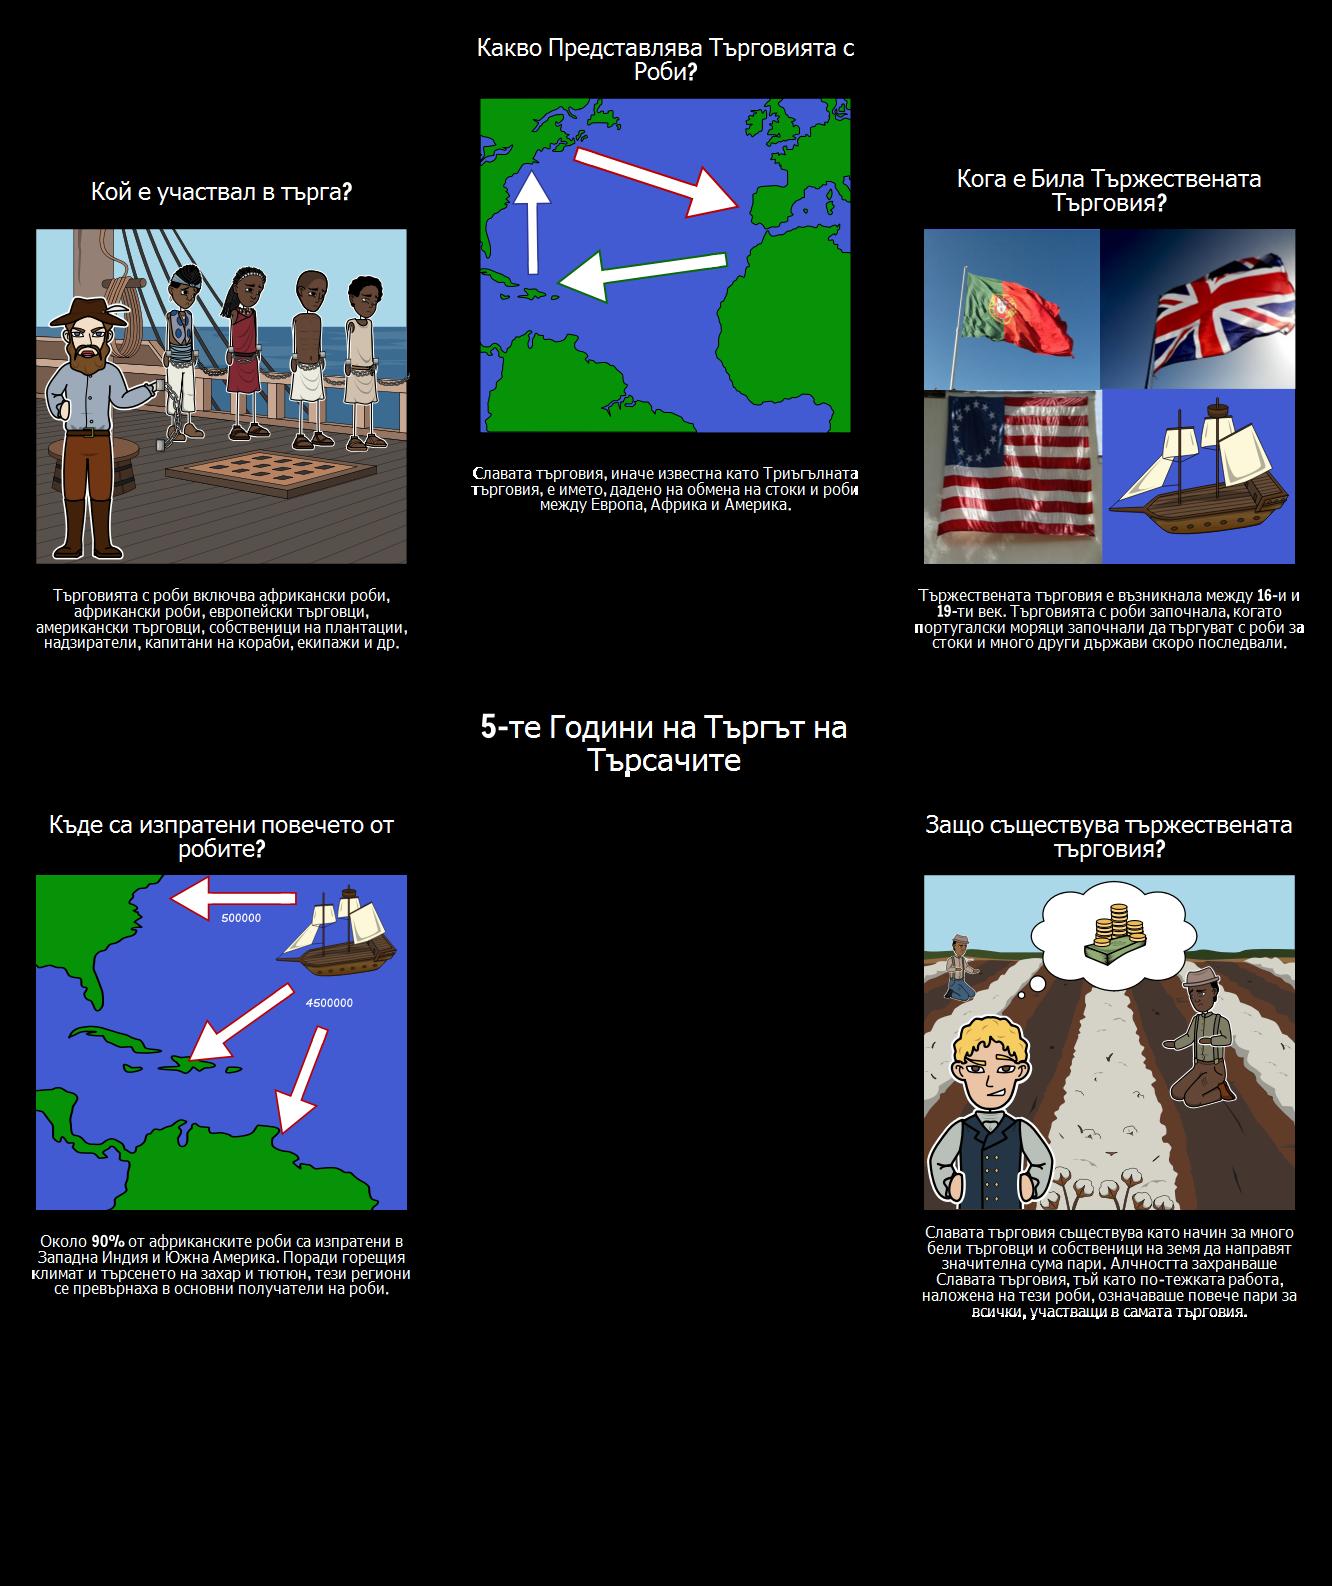 5-те Години на Търгът на Търсачите